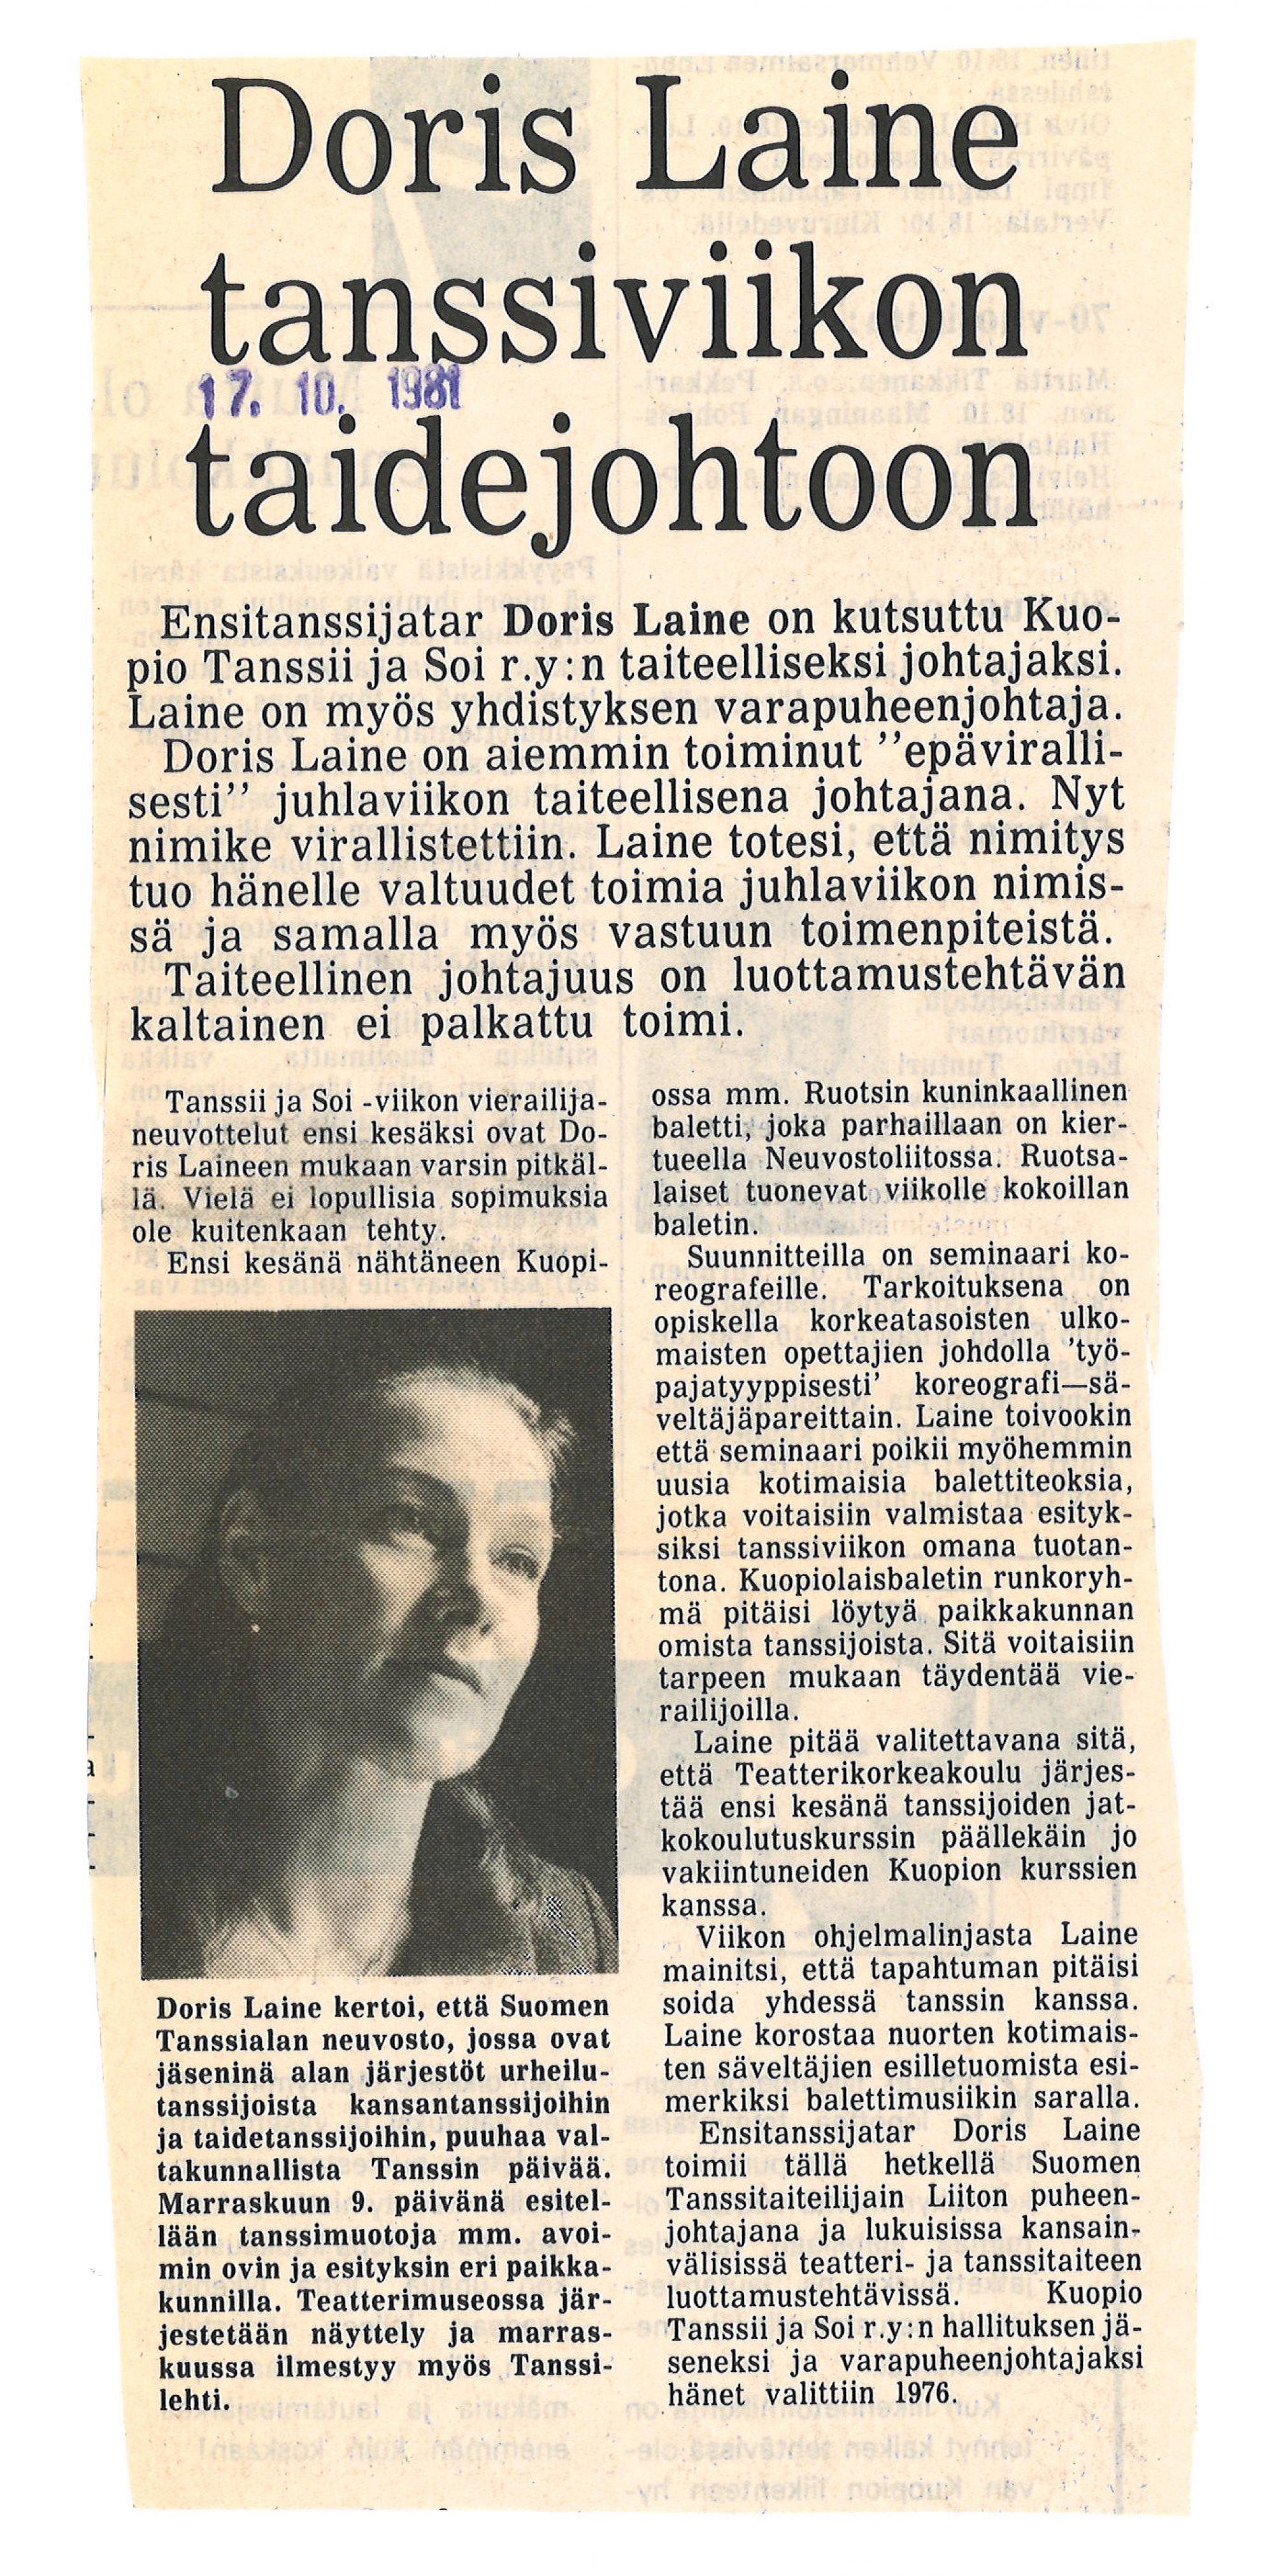 Savon Sanomien lehtileike vuodelta 1981 Doris Laine